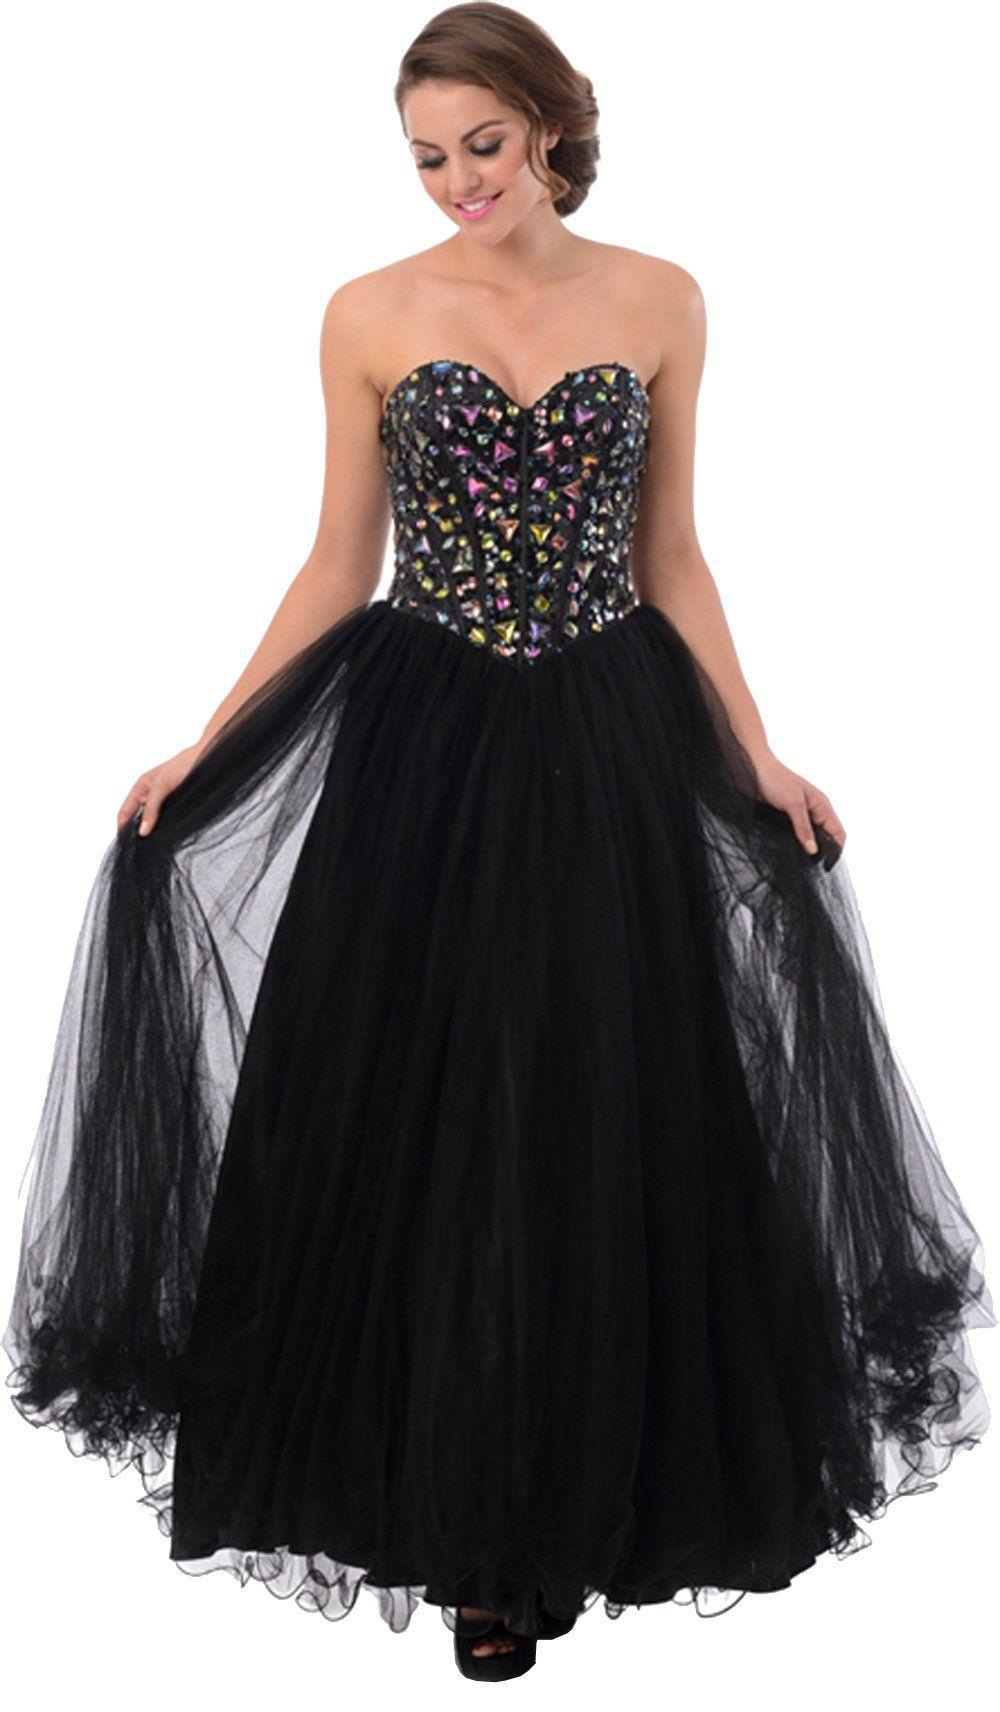 Corset gem prom dress ball gown